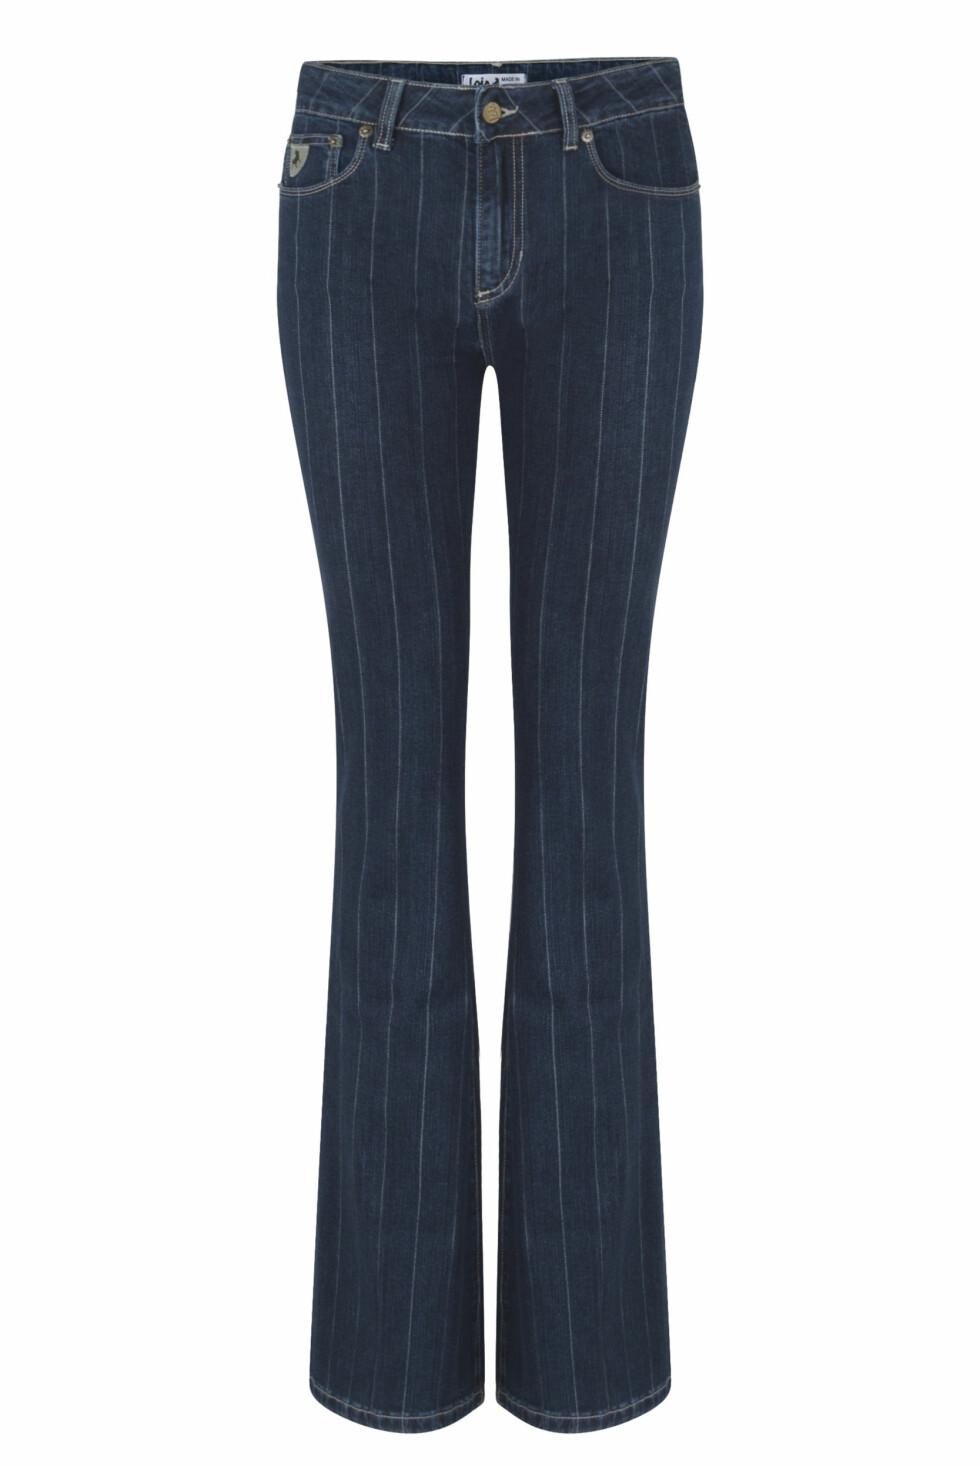 Lois Jeans, kr 1400